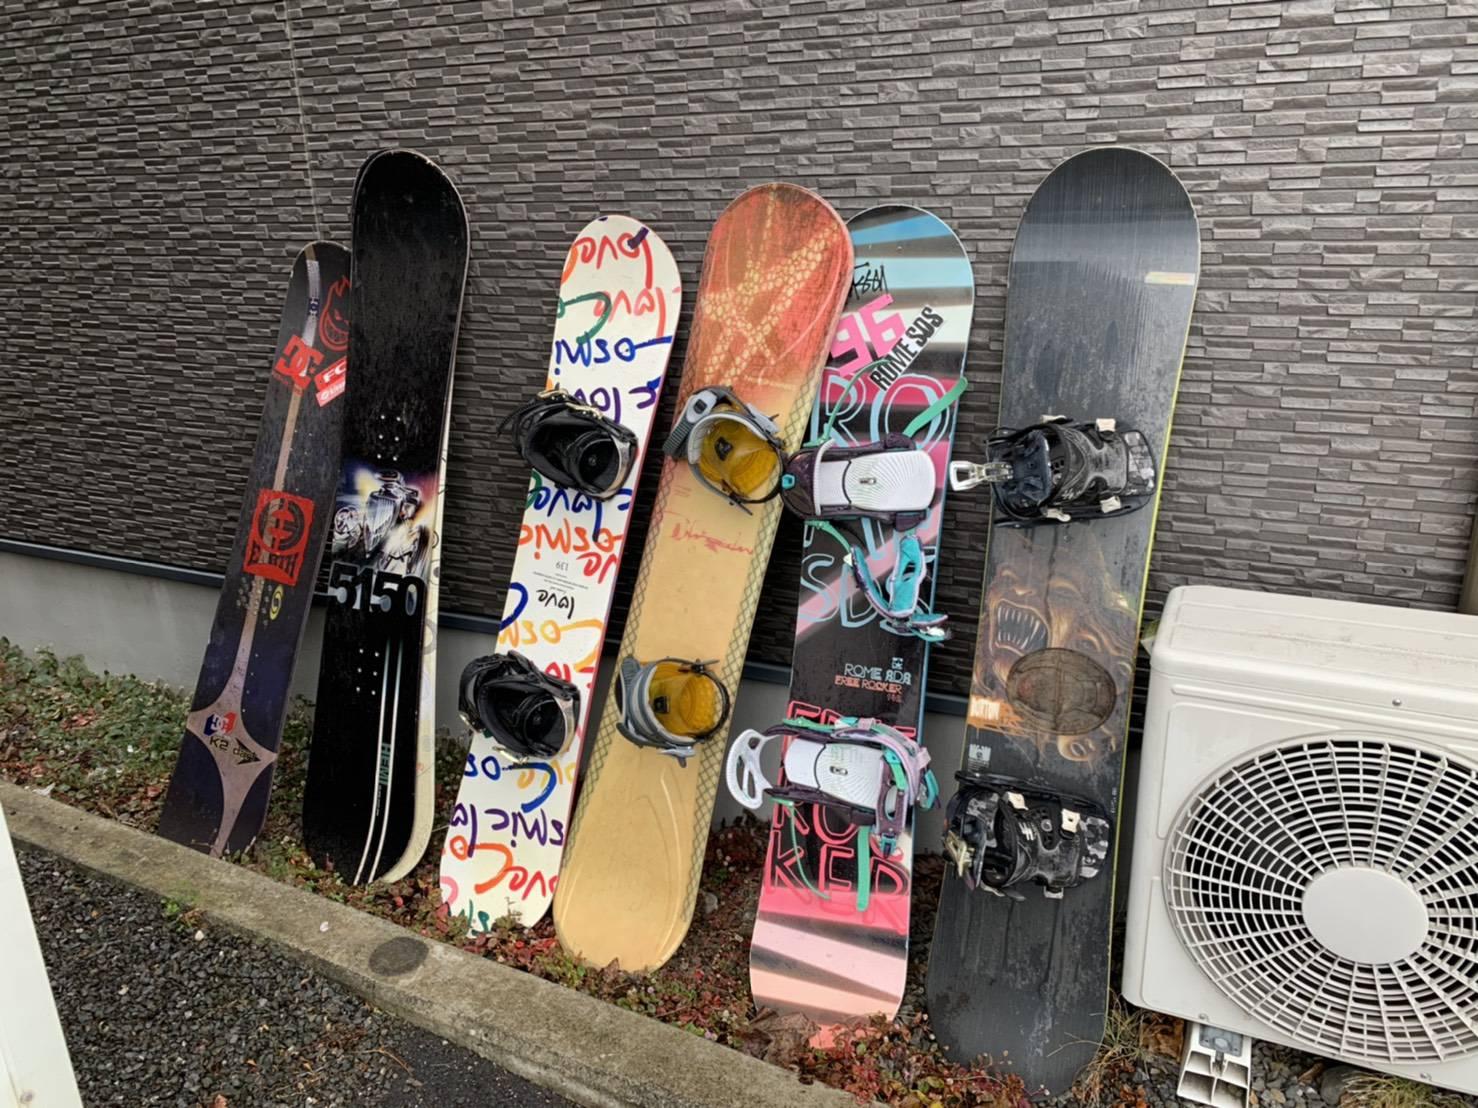 静岡県静岡市のスキー板・スノーボードの回収前